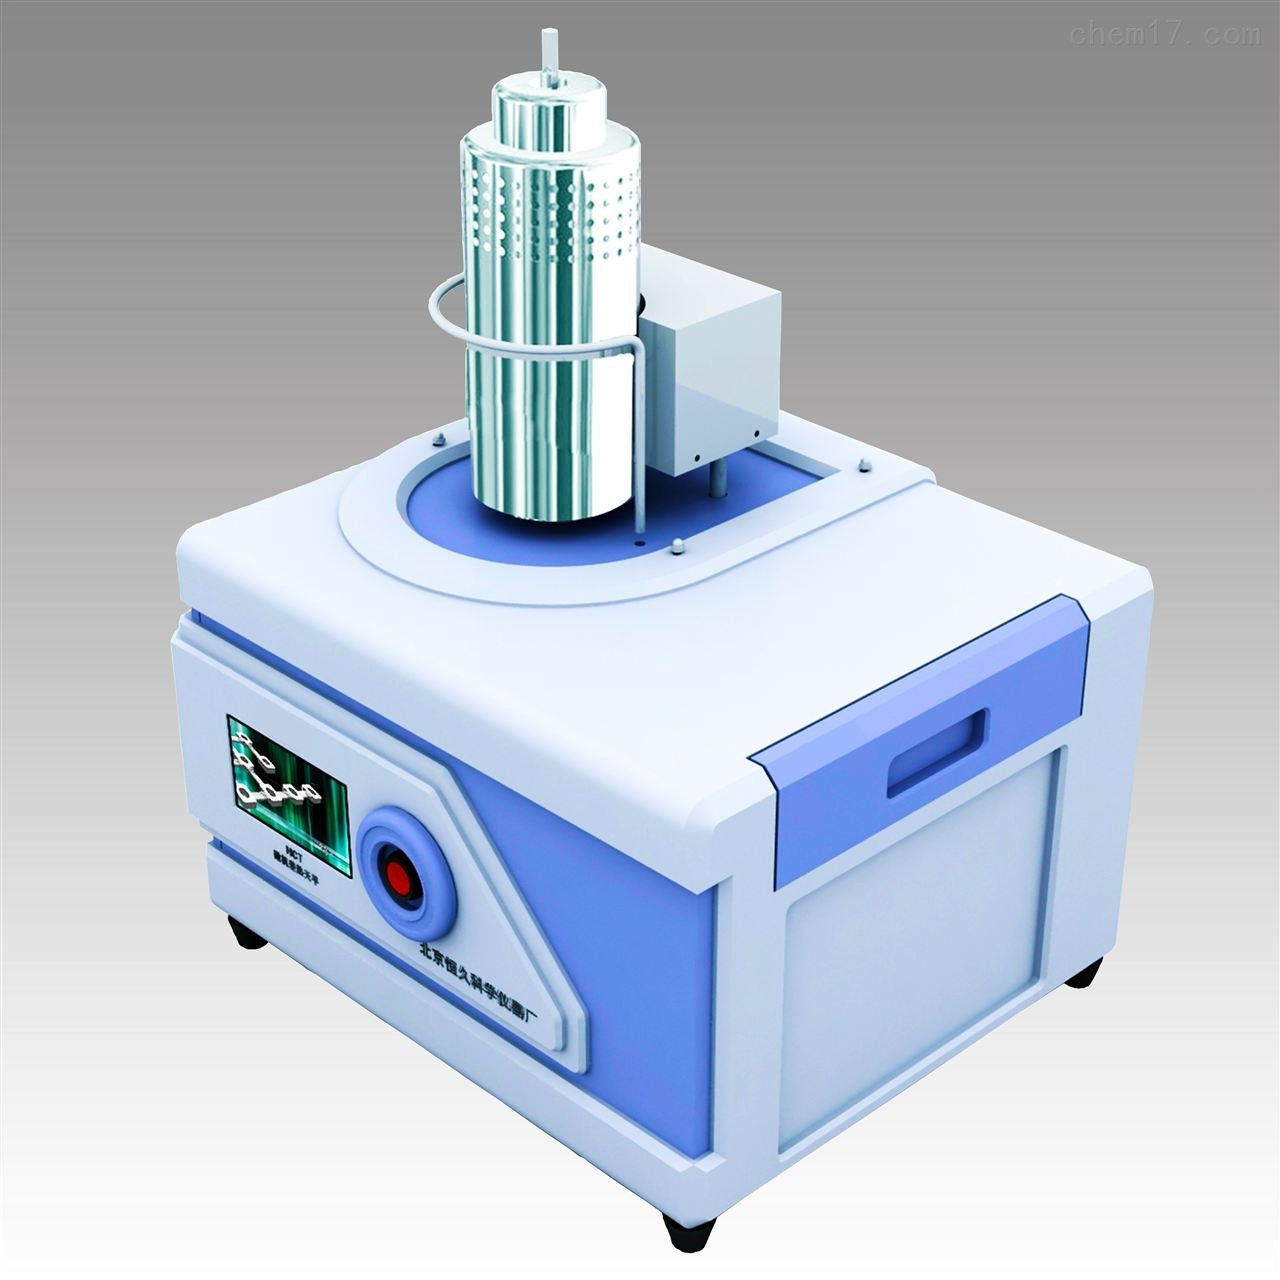 微機熱天平(熱重分析儀)